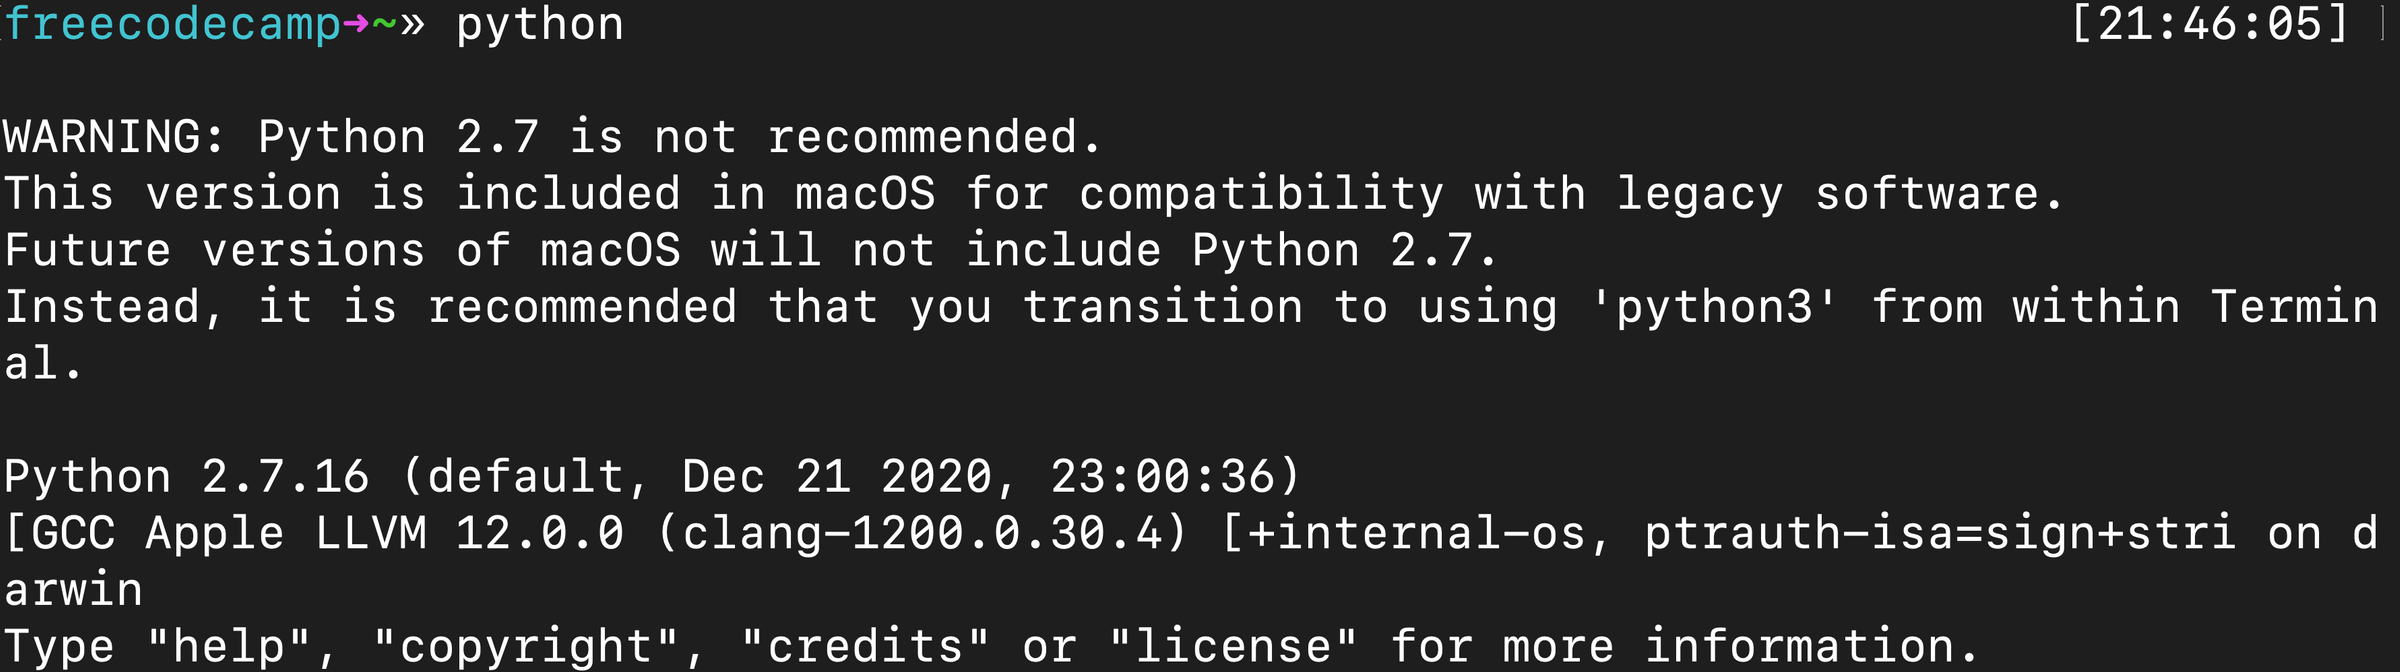 """警告:不推荐使用Python 2.7。这个版本包含在 macOS 中是为了与旧版软件兼容。未来版本的 macOS 将不包含 Python 2.7。相反,我们推荐您在终端中使用""""python3""""。"""